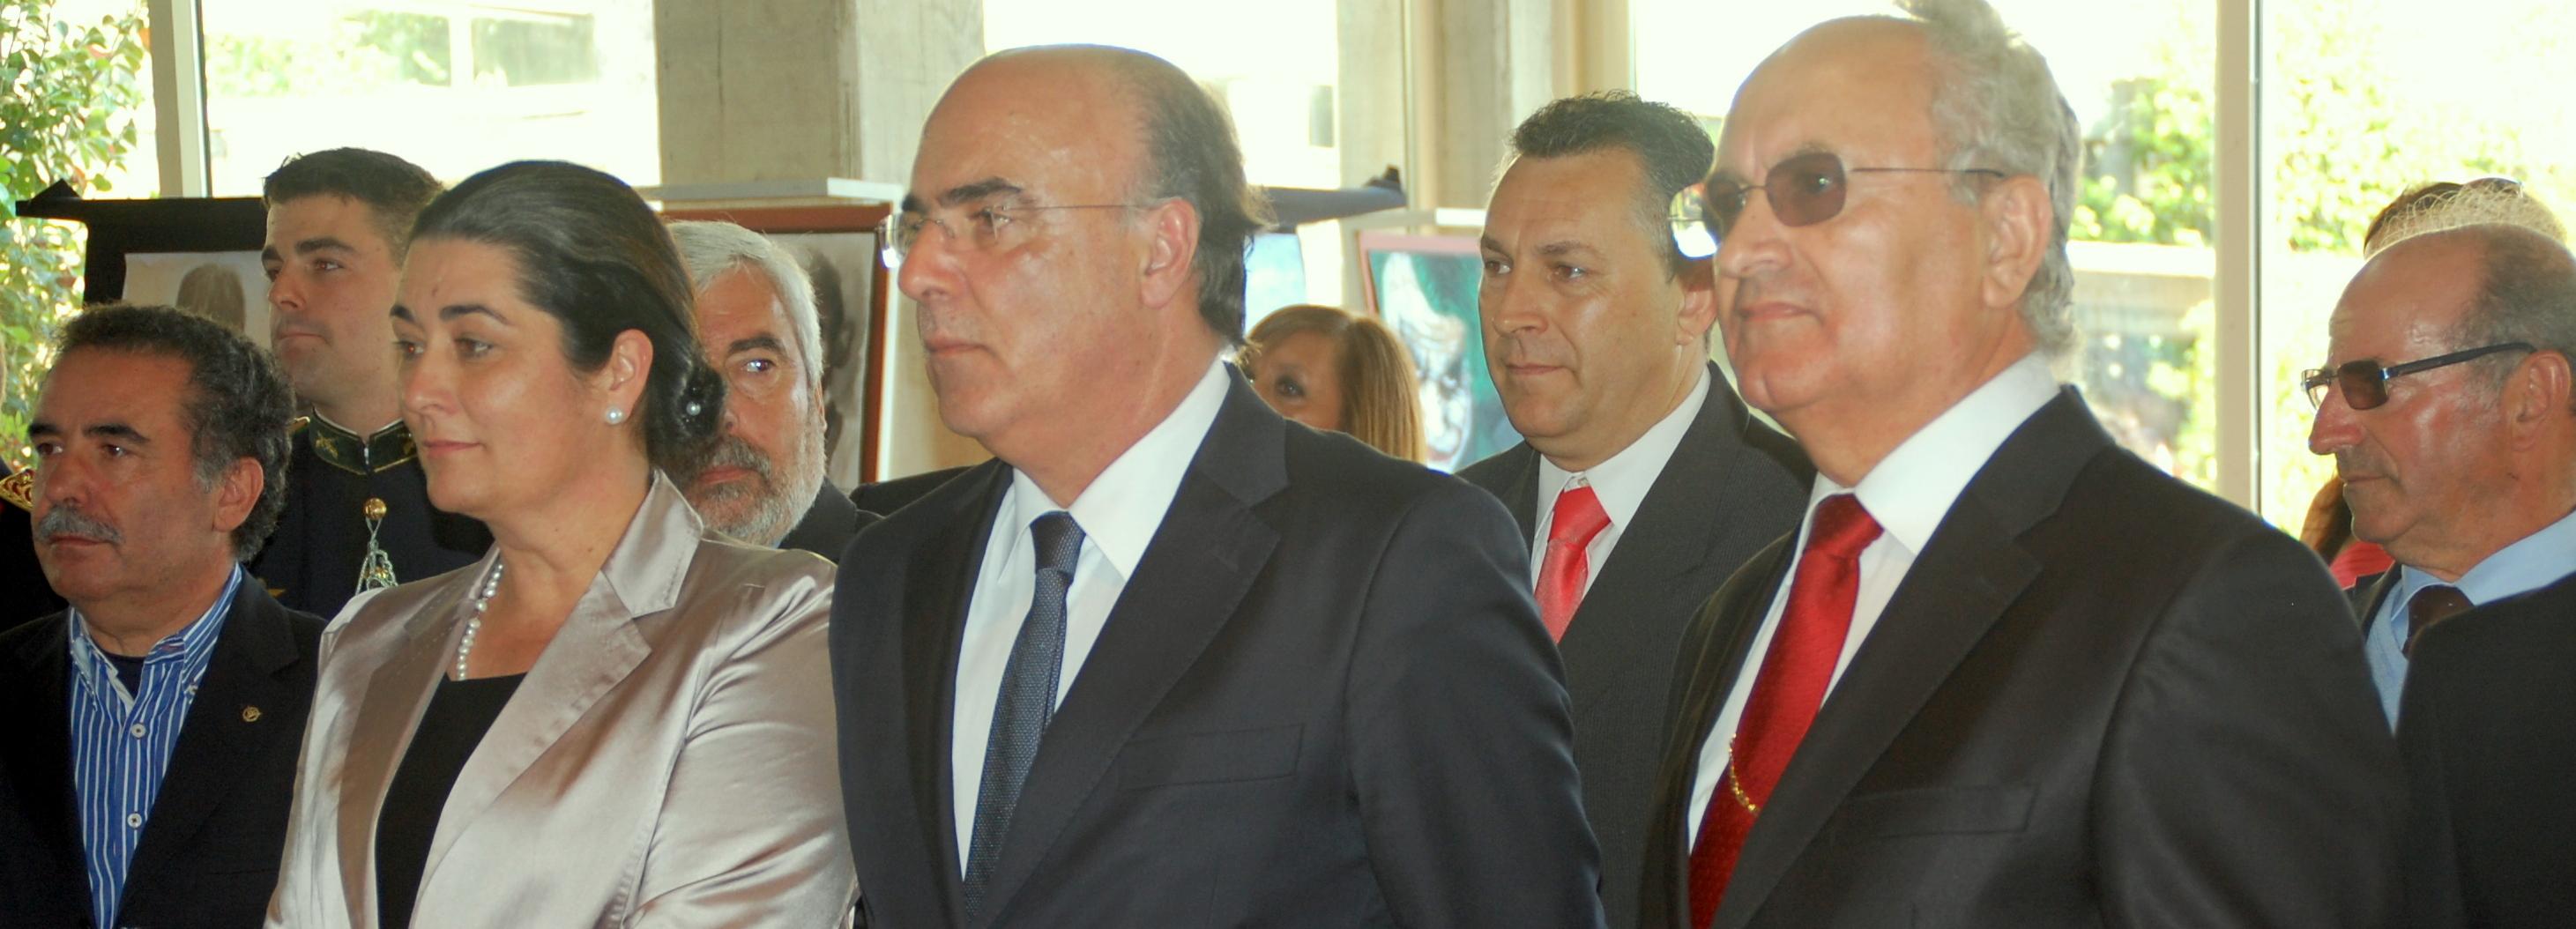 Presidente da Câmara no encerramento do ano letivo do Colégio Didálvi